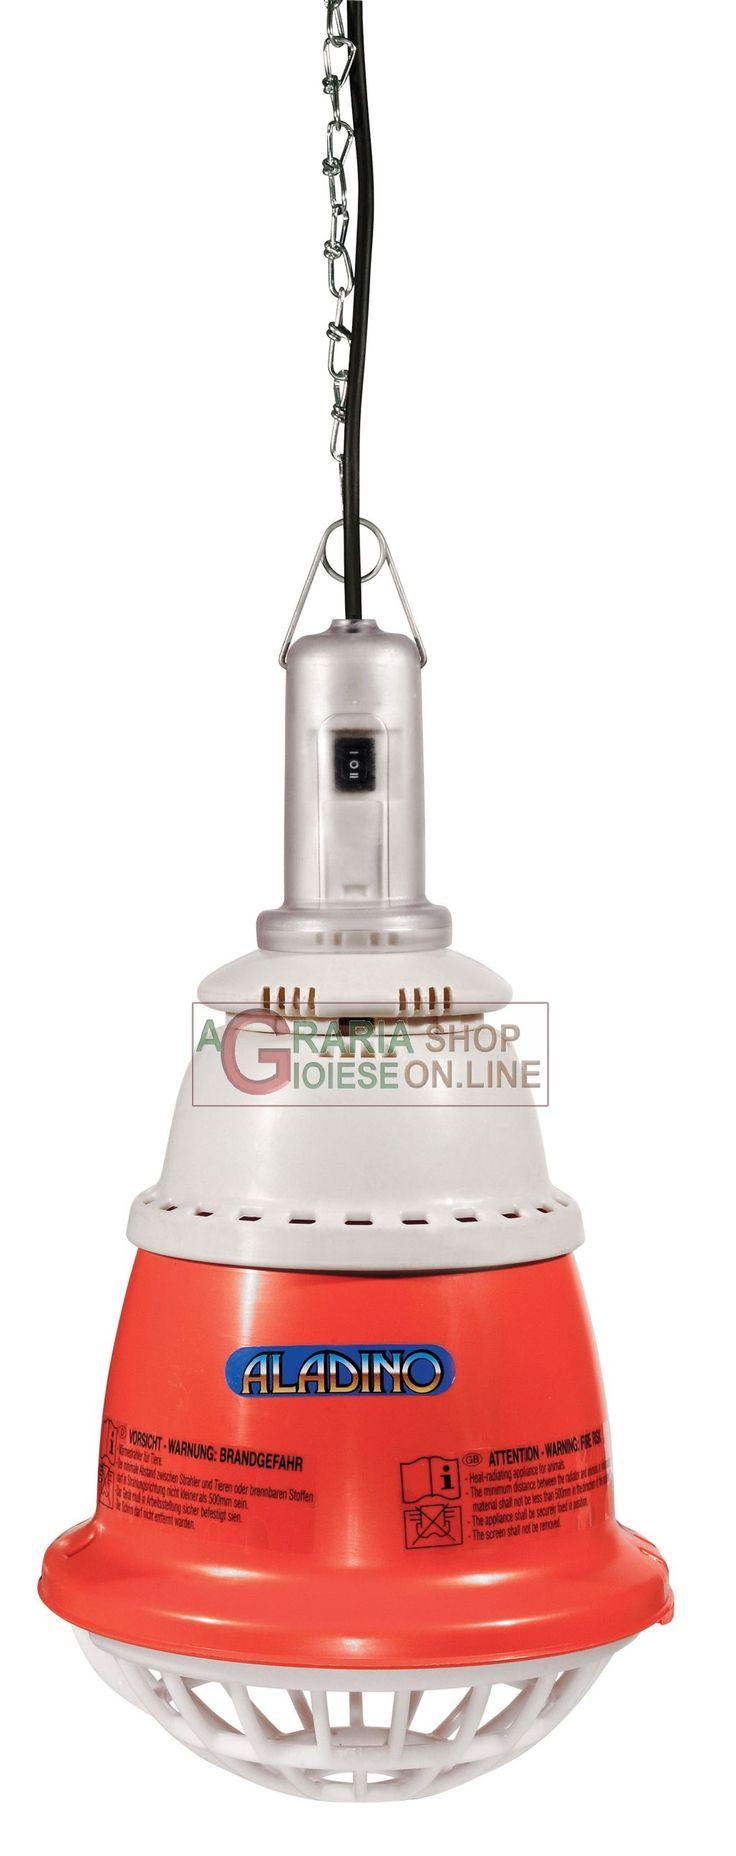 NOVITAL LAMPADA RIFLETTORE ALADINO 250 CON VARIATORE E CAVO DA MT. 5 https://www.chiaradecaria.it/it/incubatrici/13248-novital-lampada-riflettore-aladino-250-con-variatore-e-cavo-da-mt-5-8010213972041.html